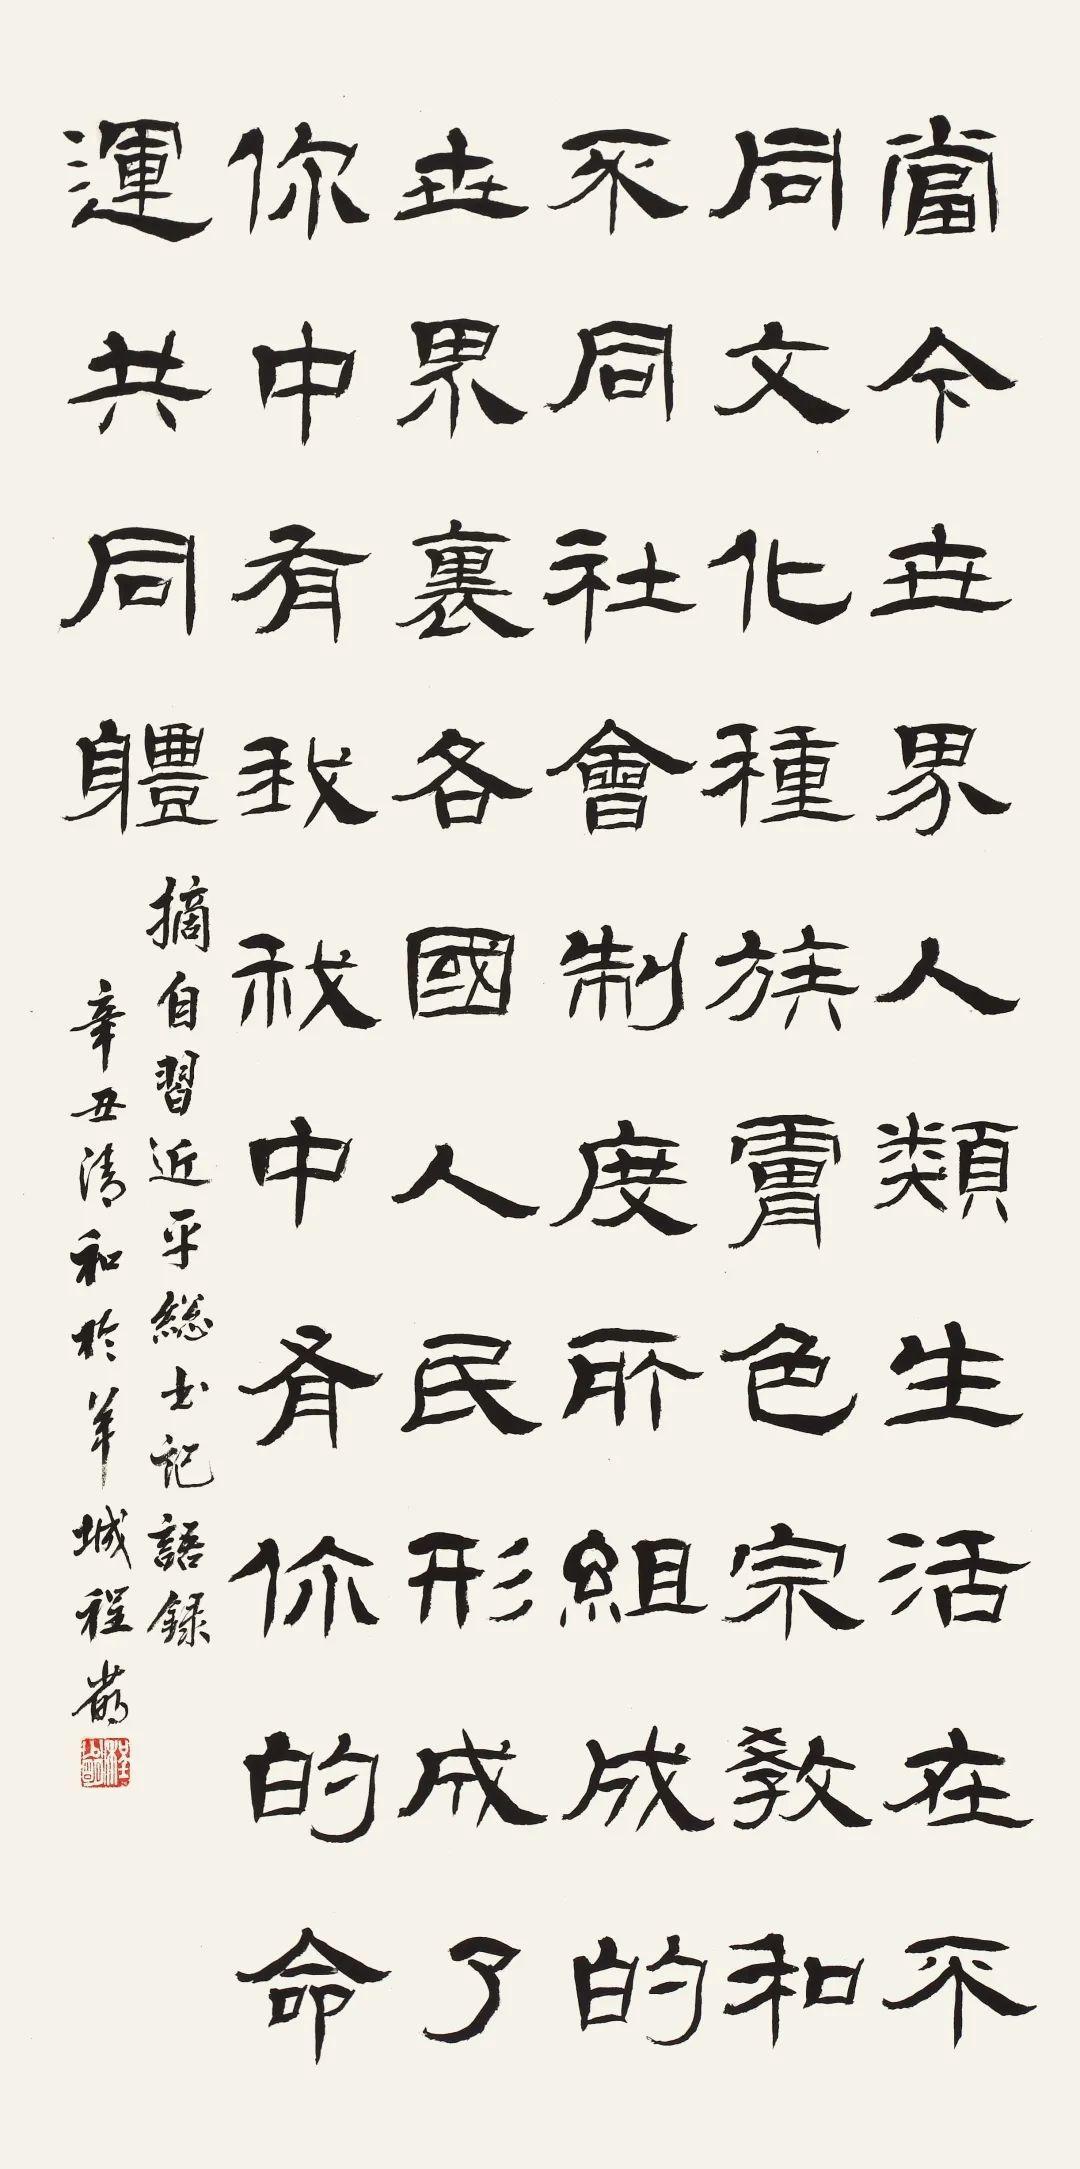 广东省书法家协会会员、广州市书法家协会会员、广州羊城书法研究会会员程少明